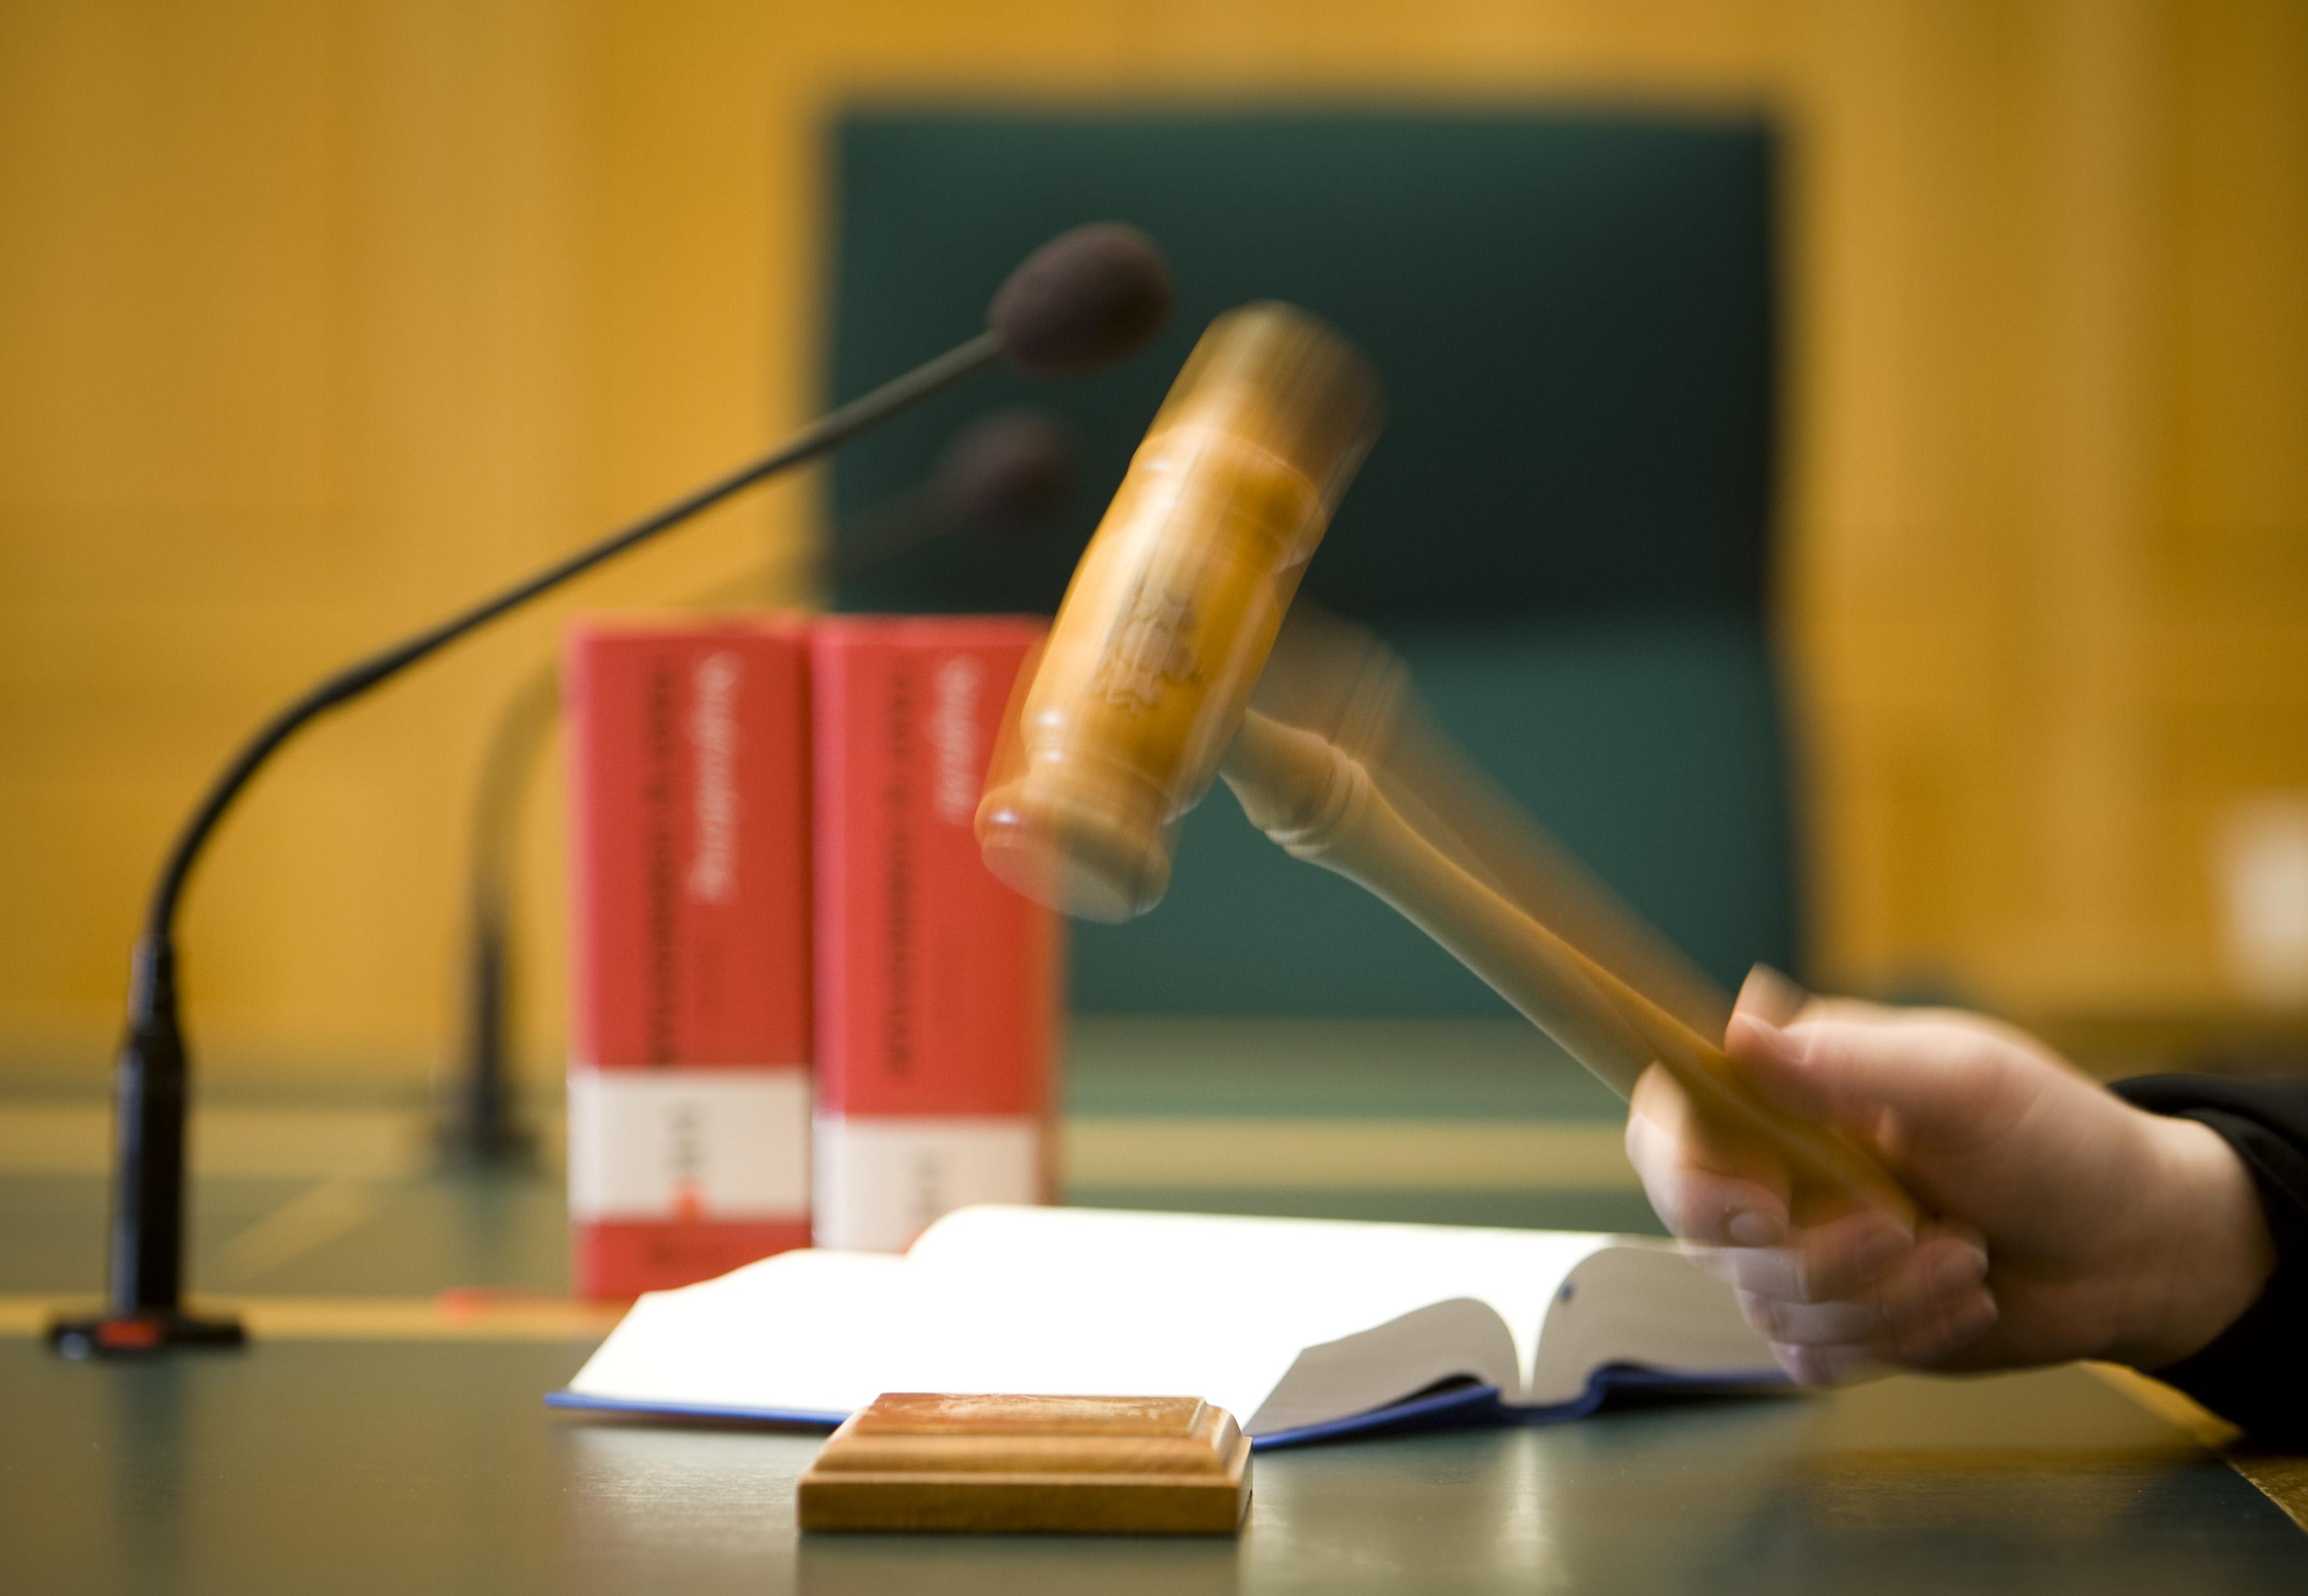 Schadevergoeding, werk- en voorwaardelijke celstraf geëist tegen man die zijn ex-vriendin maandenlang terroriseerde. 'Ik wil sorry zeggen. Ik zal je echt nooit meer lastigvallen'